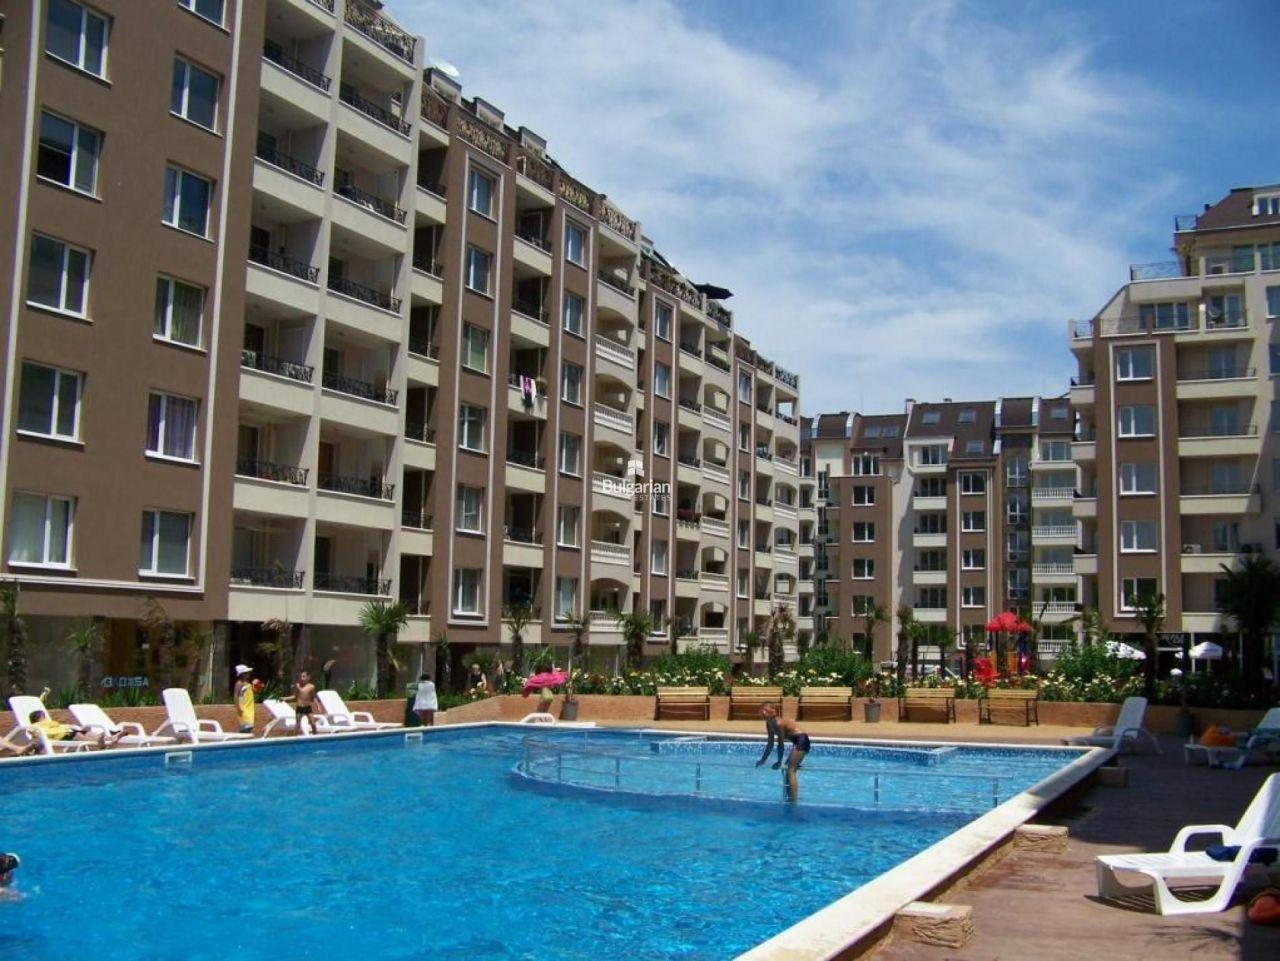 Коммерческая недвижимость в болгарии бургас снять место под офис Чонгарский бульвар